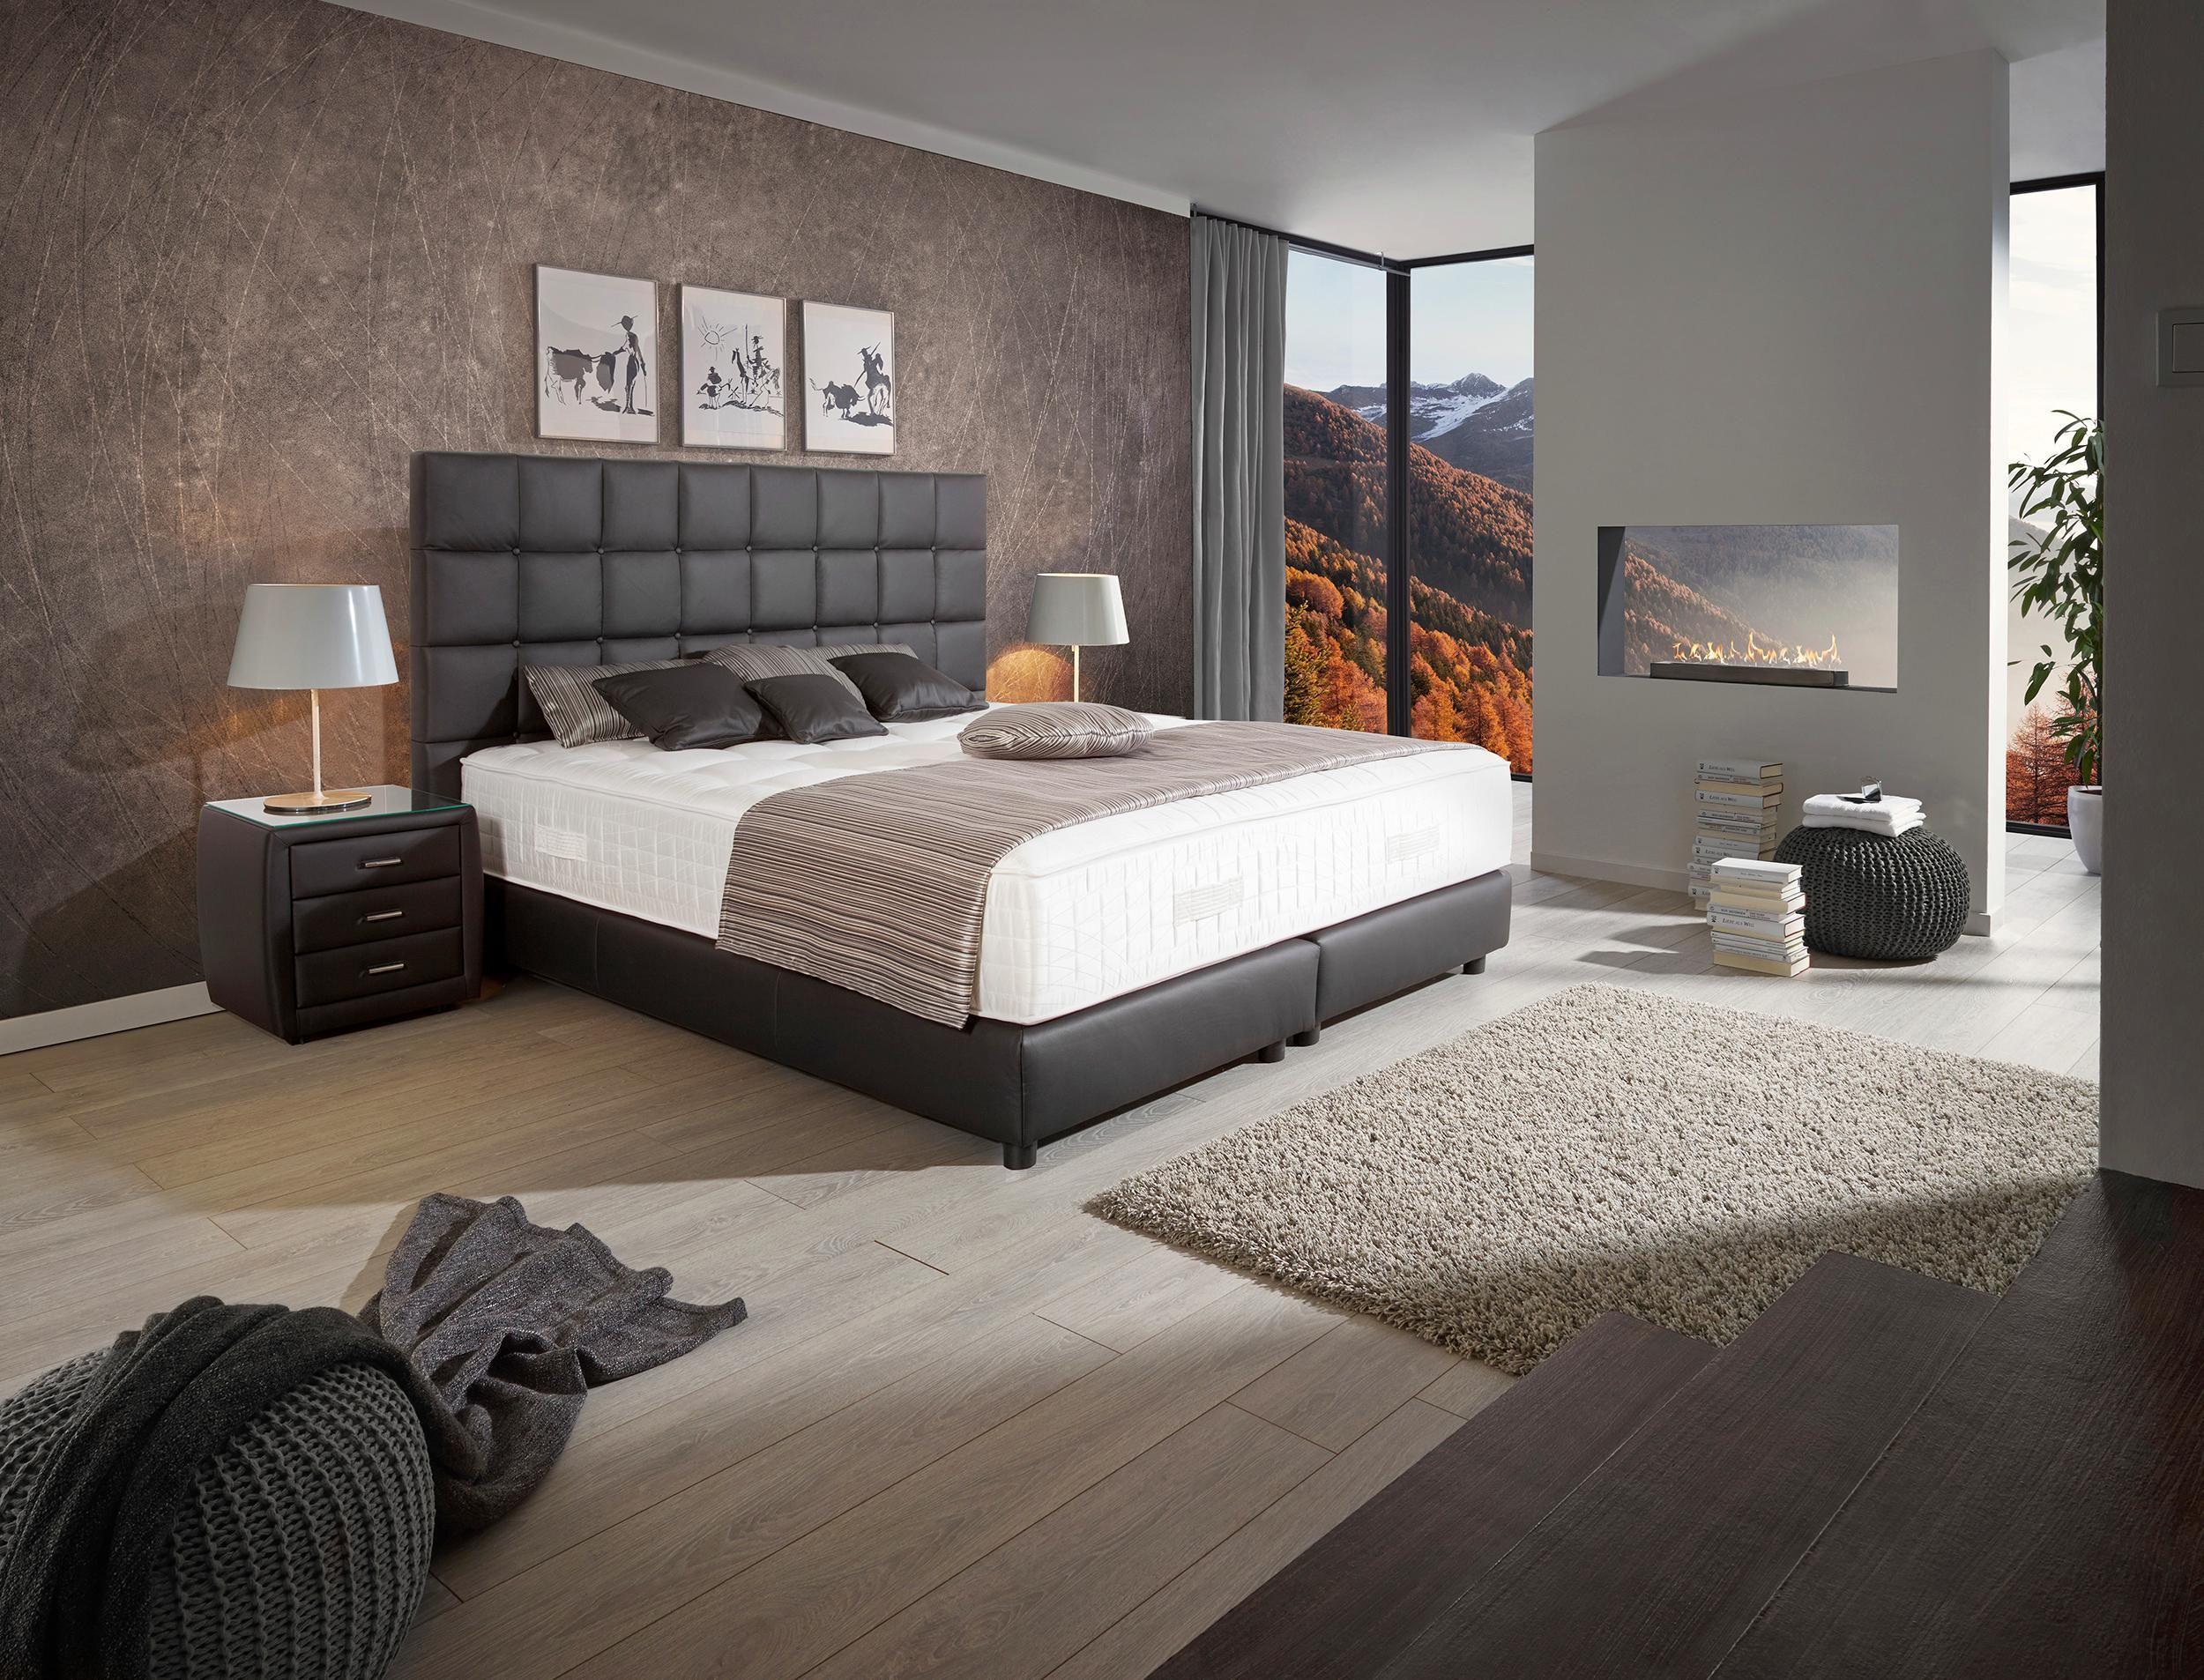 Schlafzimmer Ideen Wandgestaltung, Wandgestaltung Mit